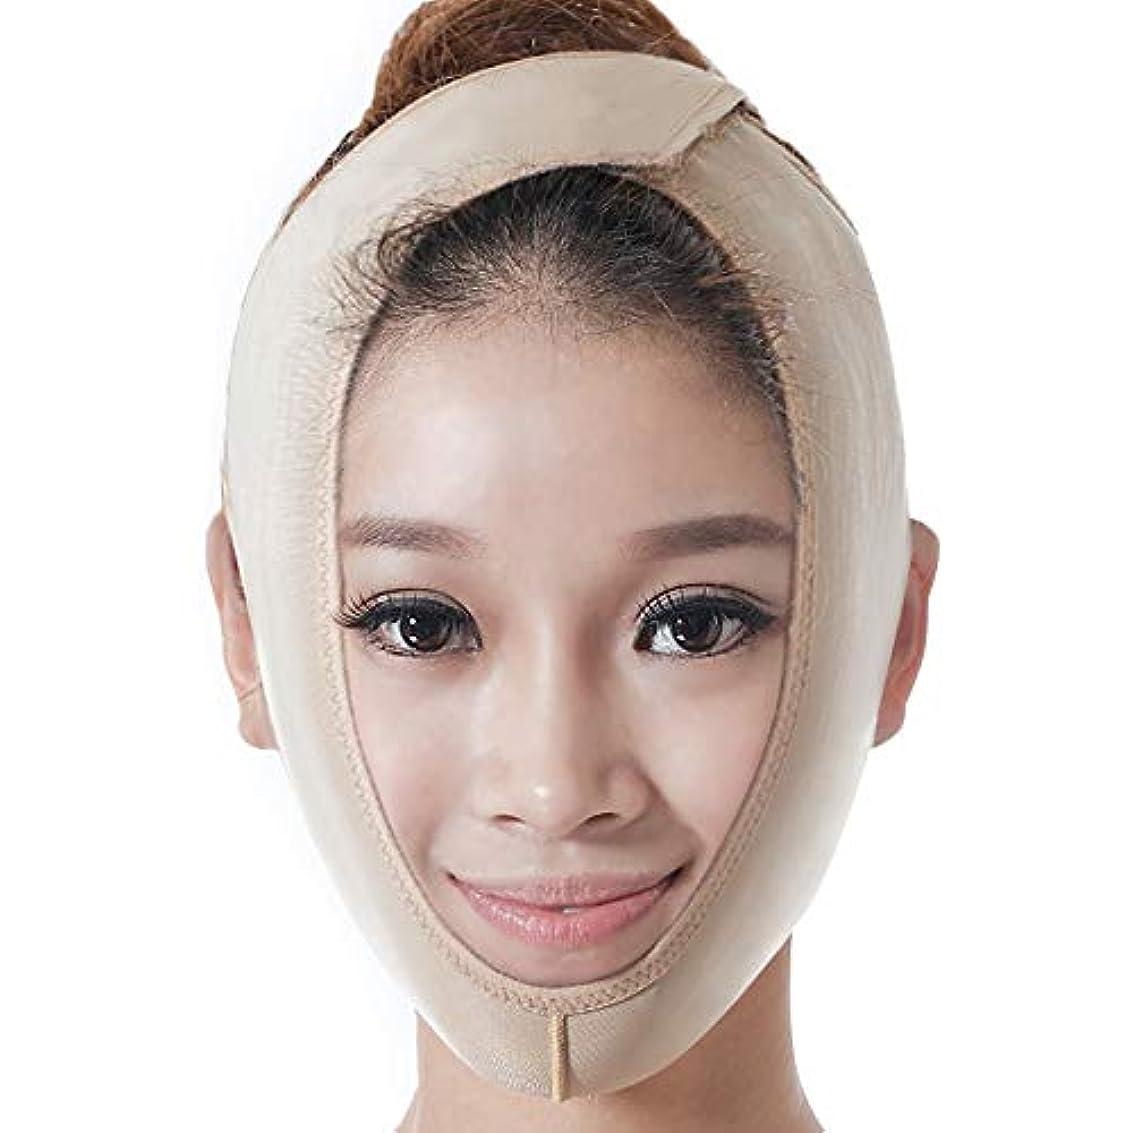 侵入する束釈義ZPSM 薄くて軽い 薄い顔ベルト、超薄型通気性のジョーセットのVフェイスアーティファクトは、4つのサイズを二重あご美容フェイスマスクを強化します (Size : M)